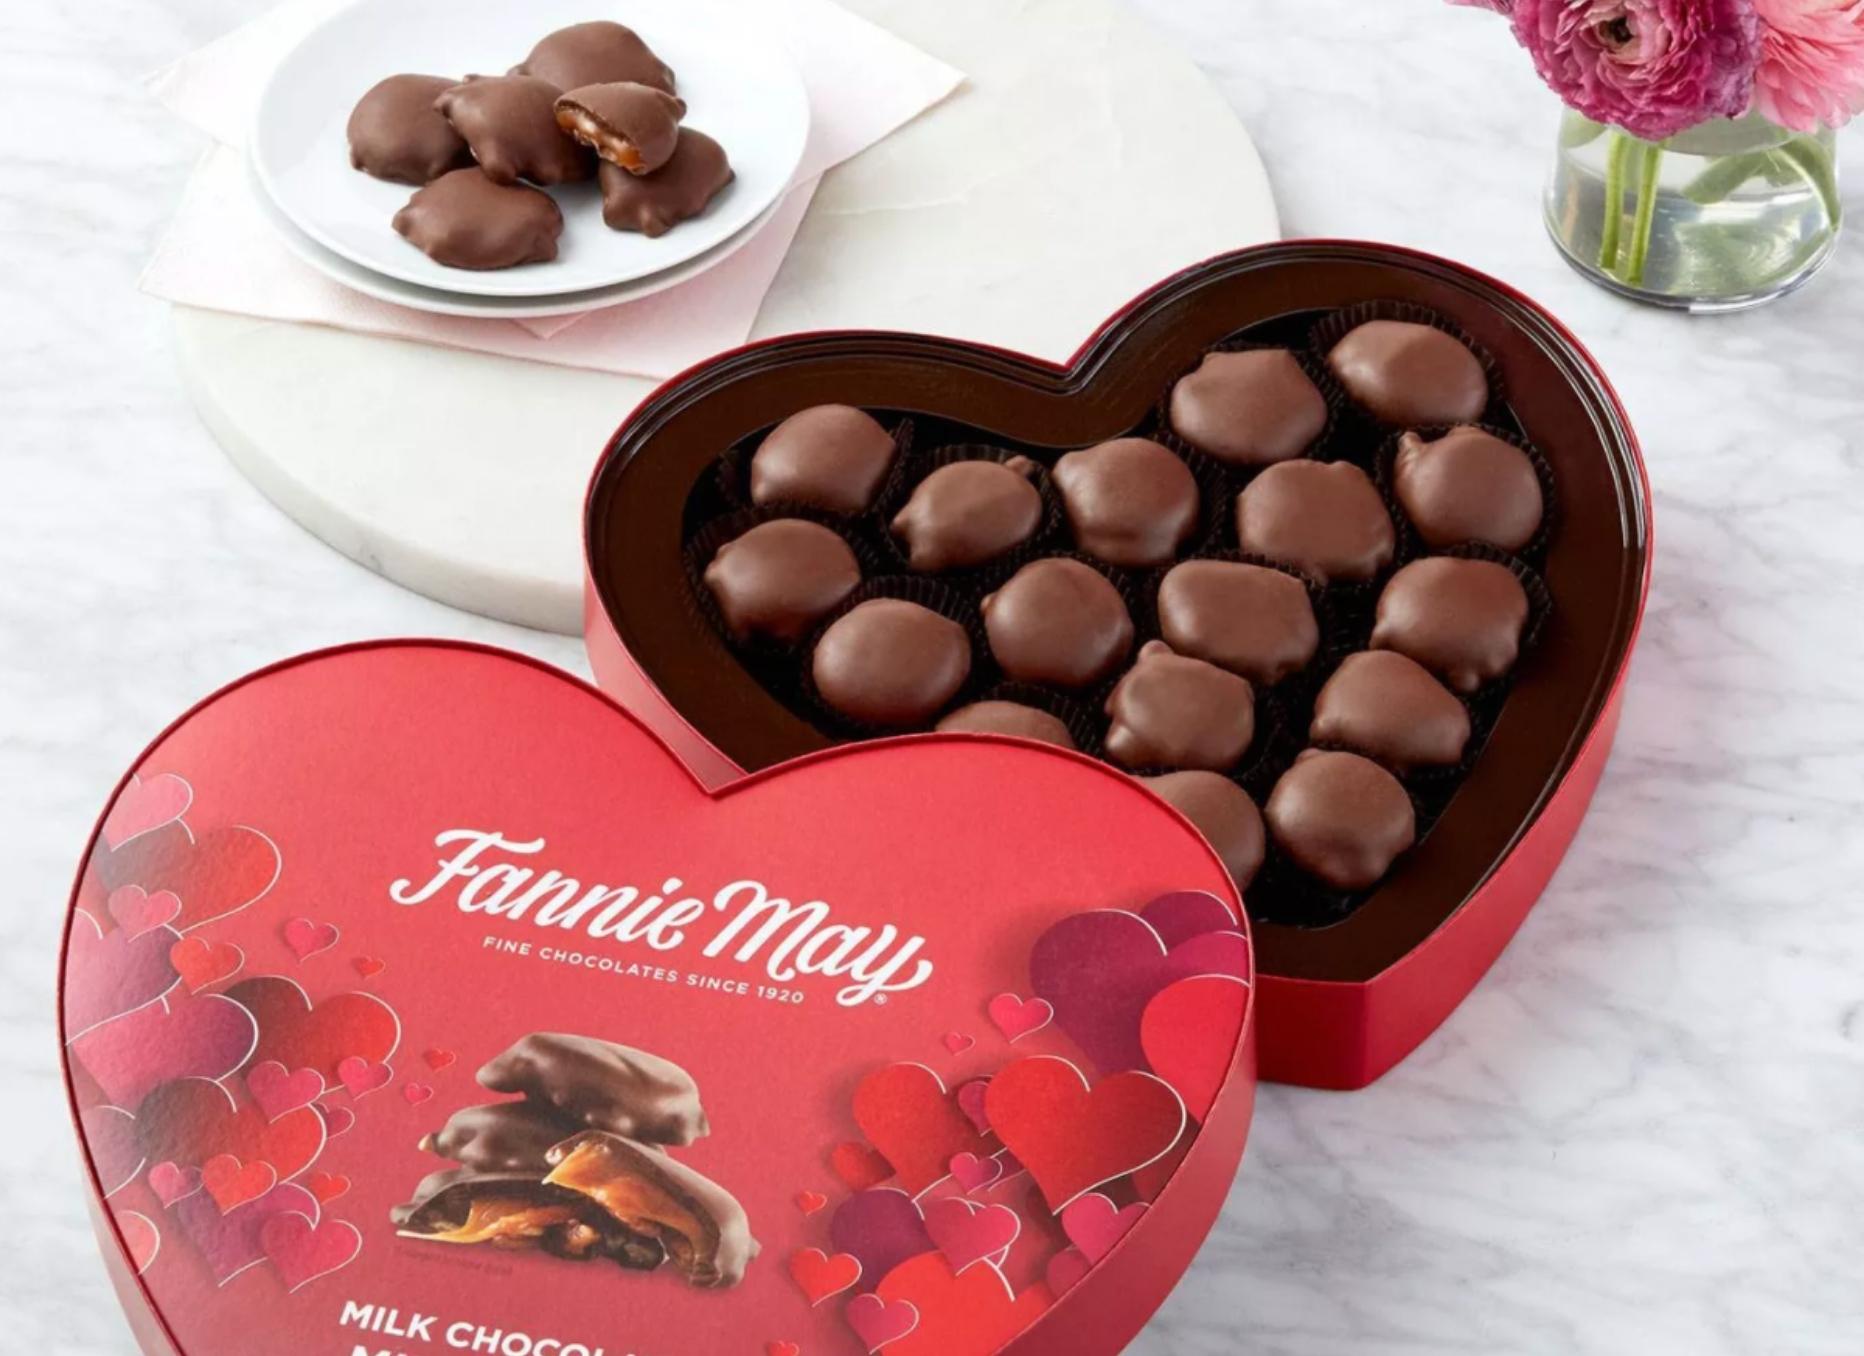 Fannie May Chocolates